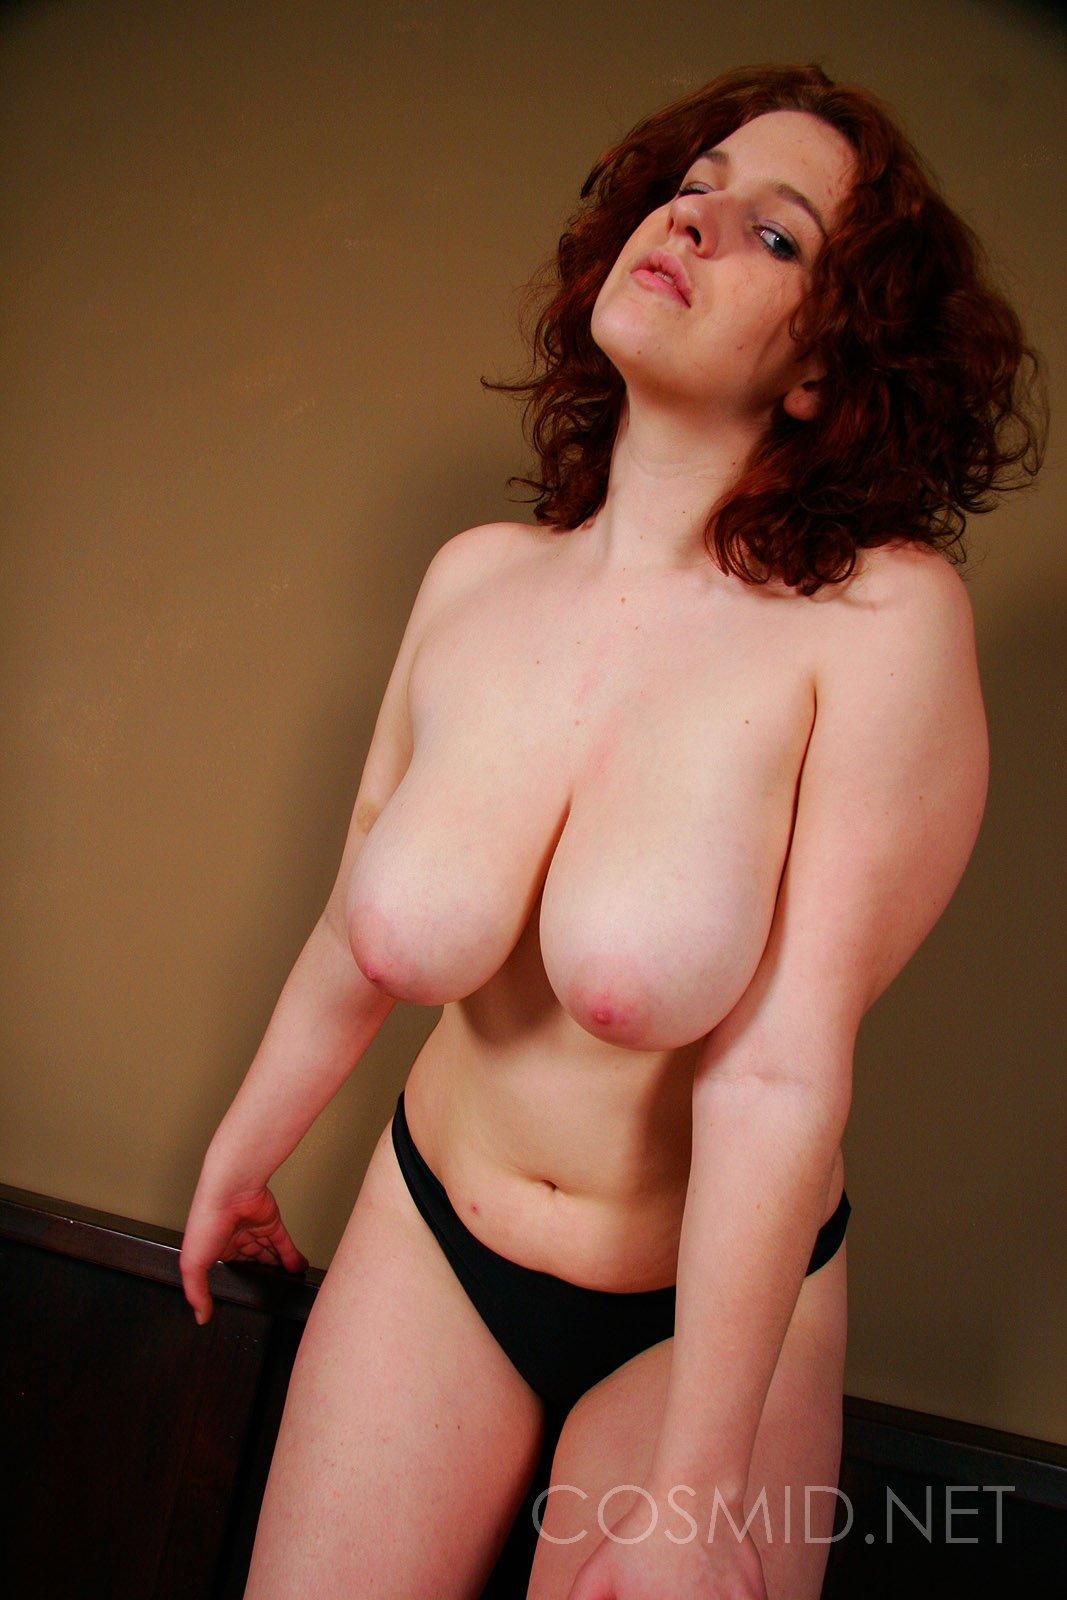 sexy curvy redhead woman